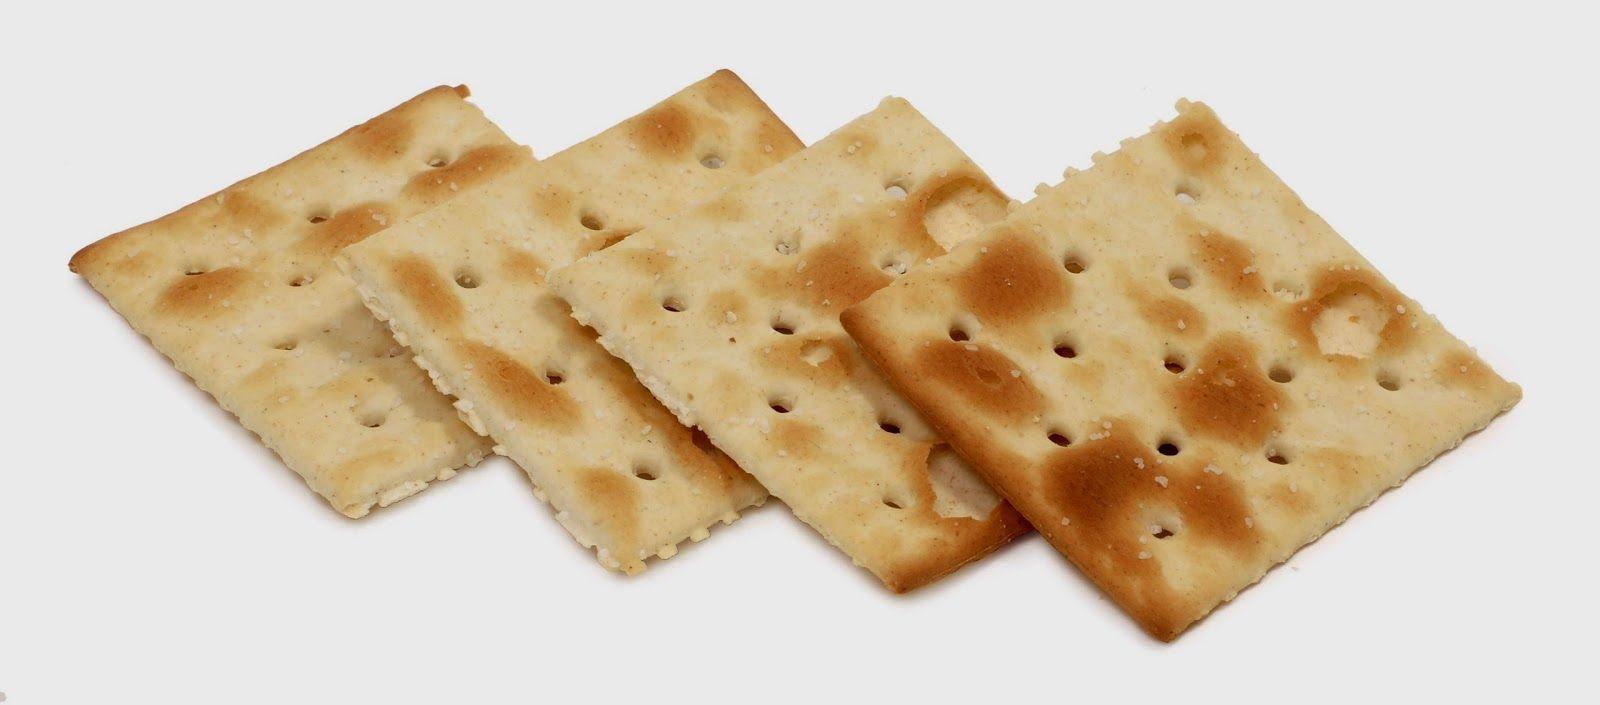 وصفات بسكويت تاك Saltine Crackers Brat Diet Brat Diet Recipes